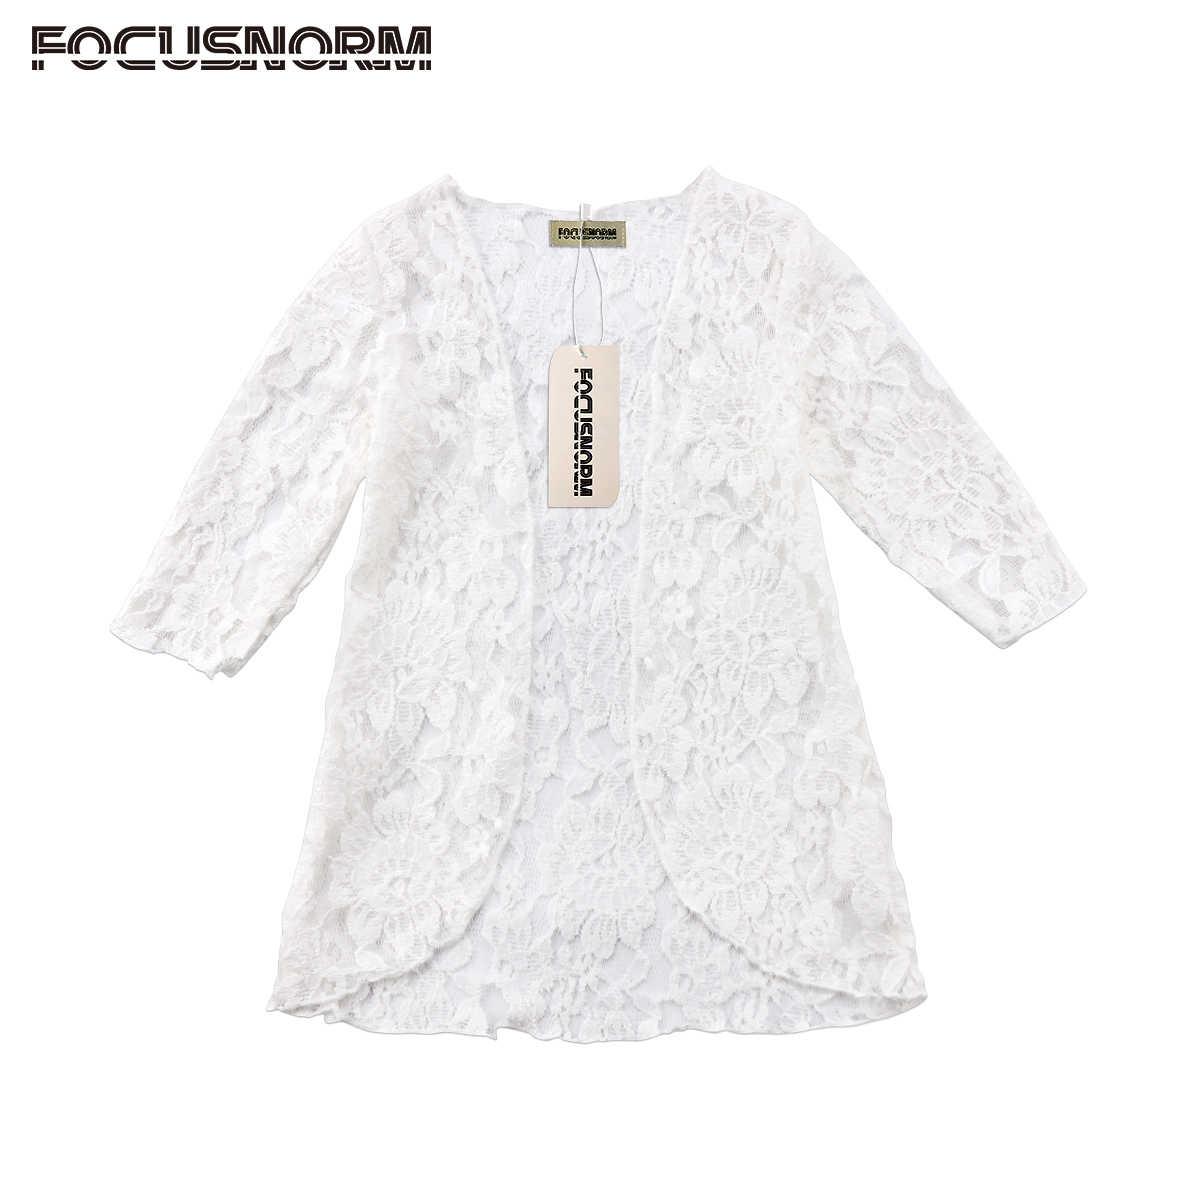 Модная детская одежда детские Обувь для девочек Кружево цветочный крем  Рашгард одежда с длинным рукавом Открыть 7233fbc5874